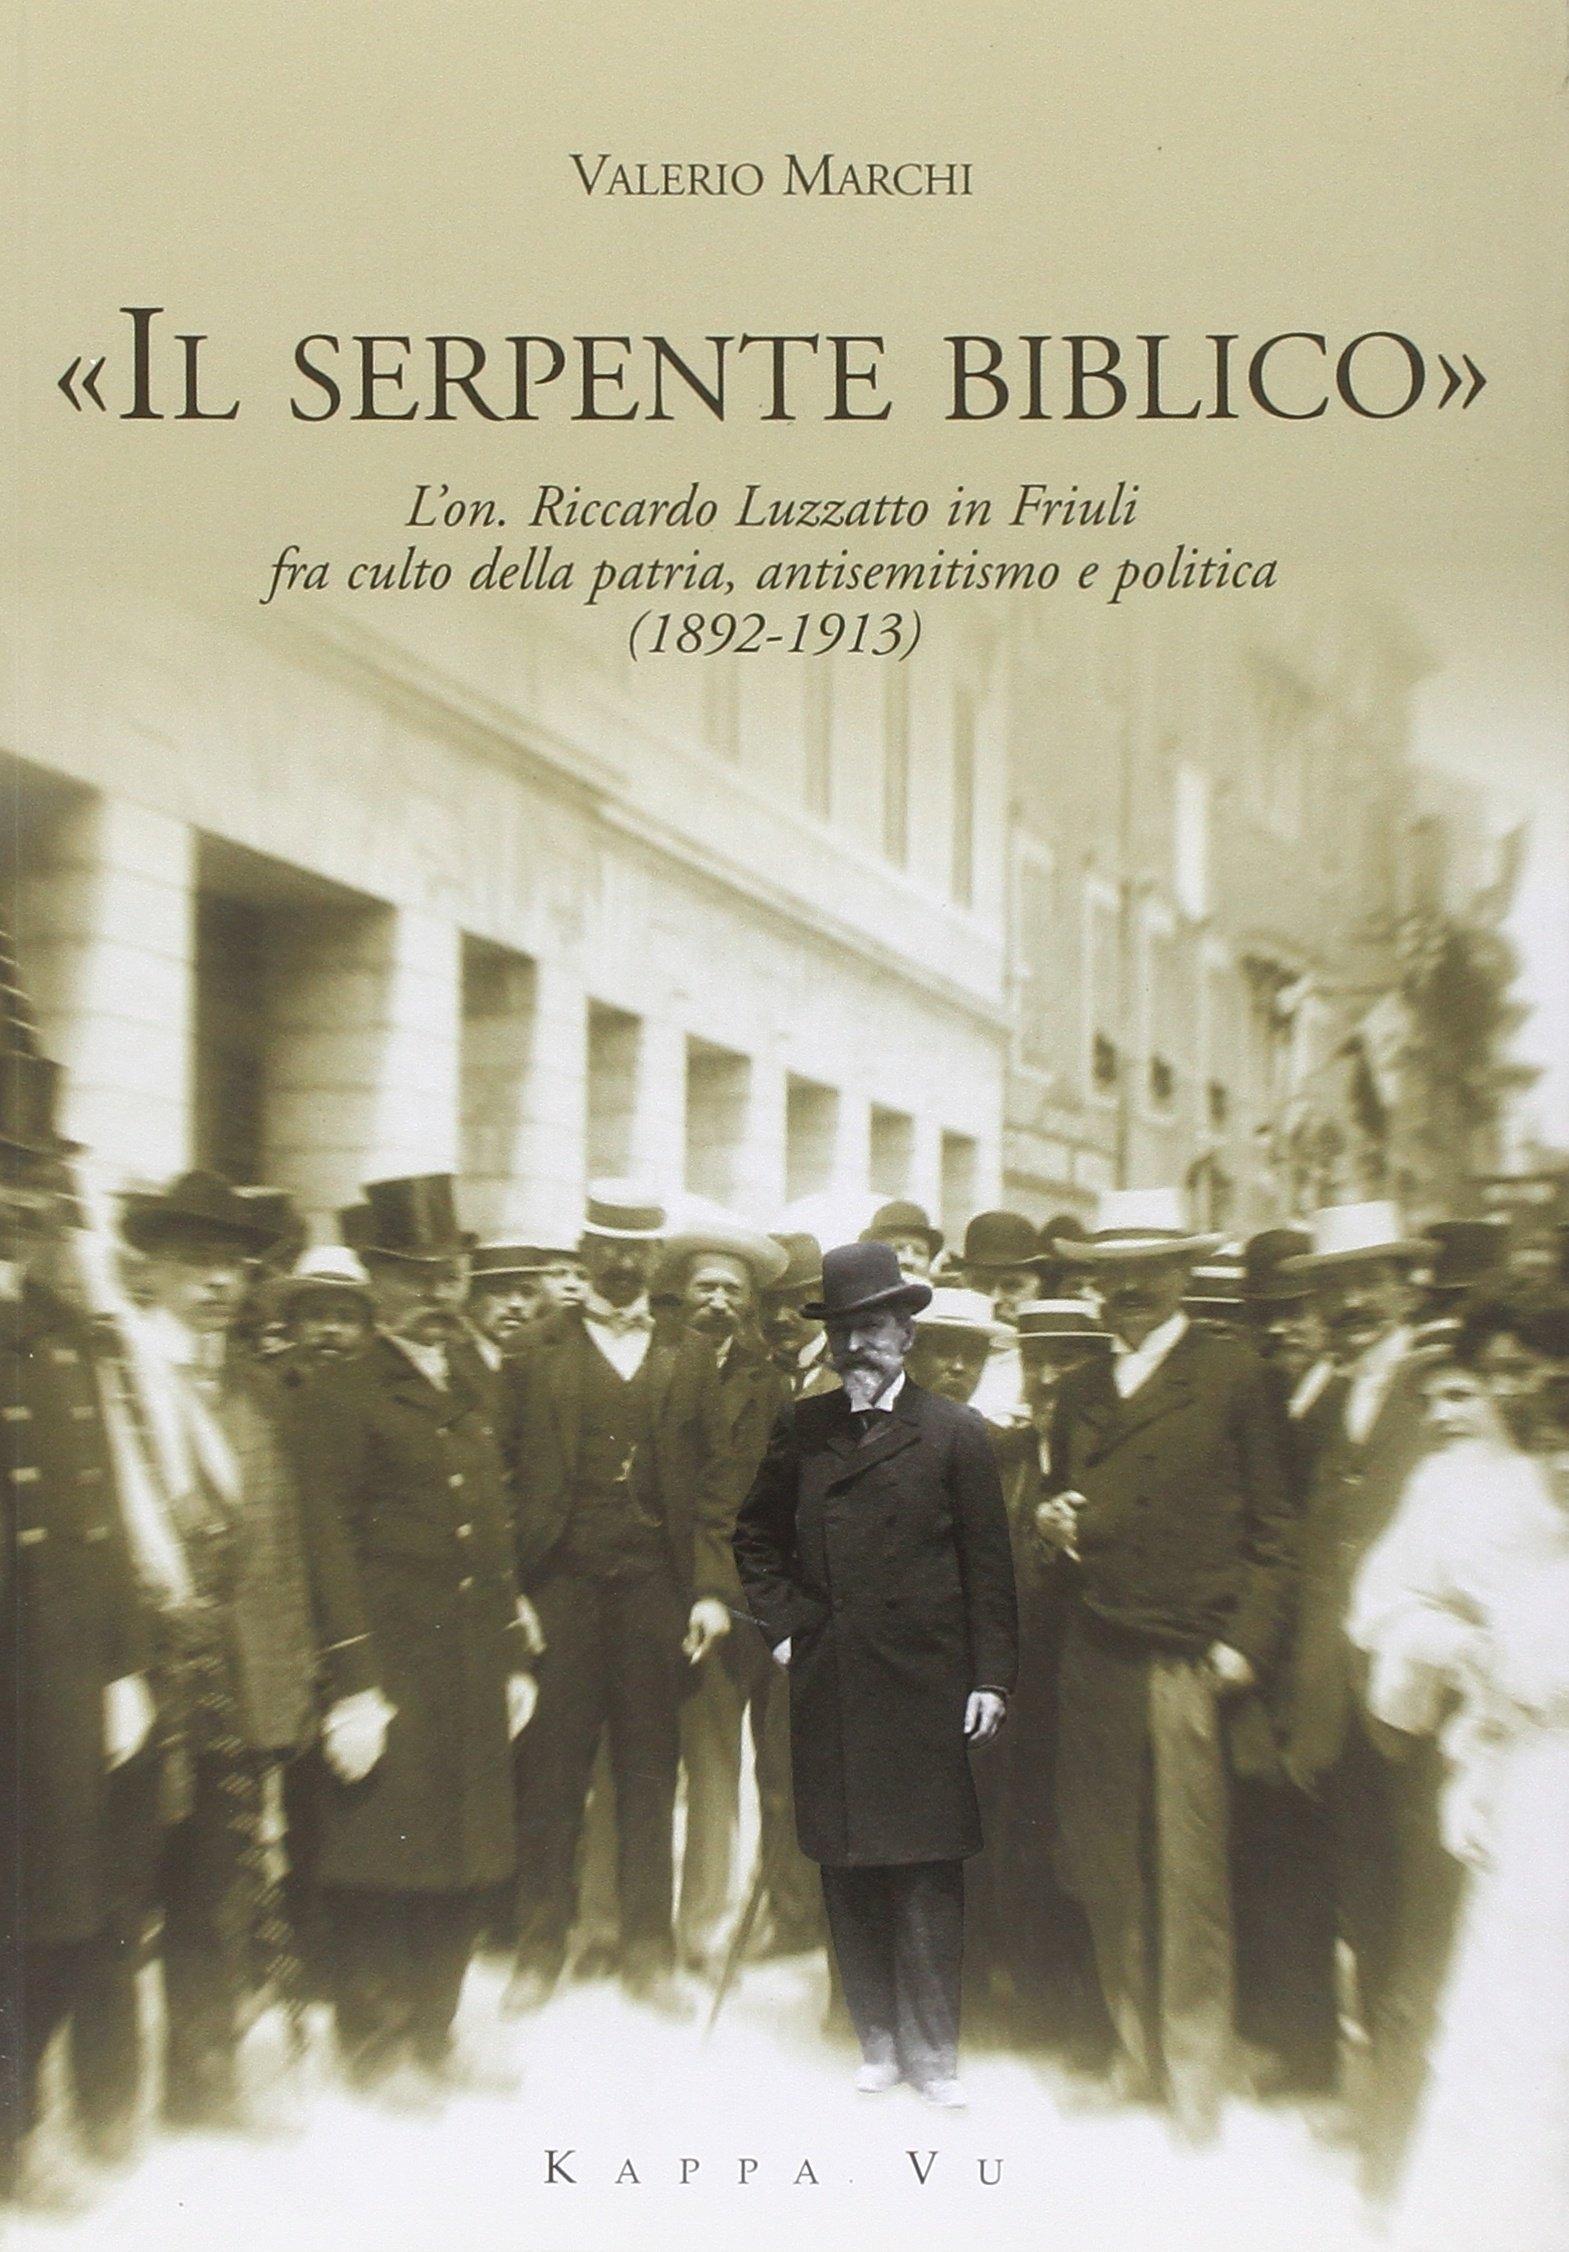 «Il serpente biblico». L'on. Riccardo Luzzatto in Friuli fra culto della patria, antisemitismo e politica (1892-1913)